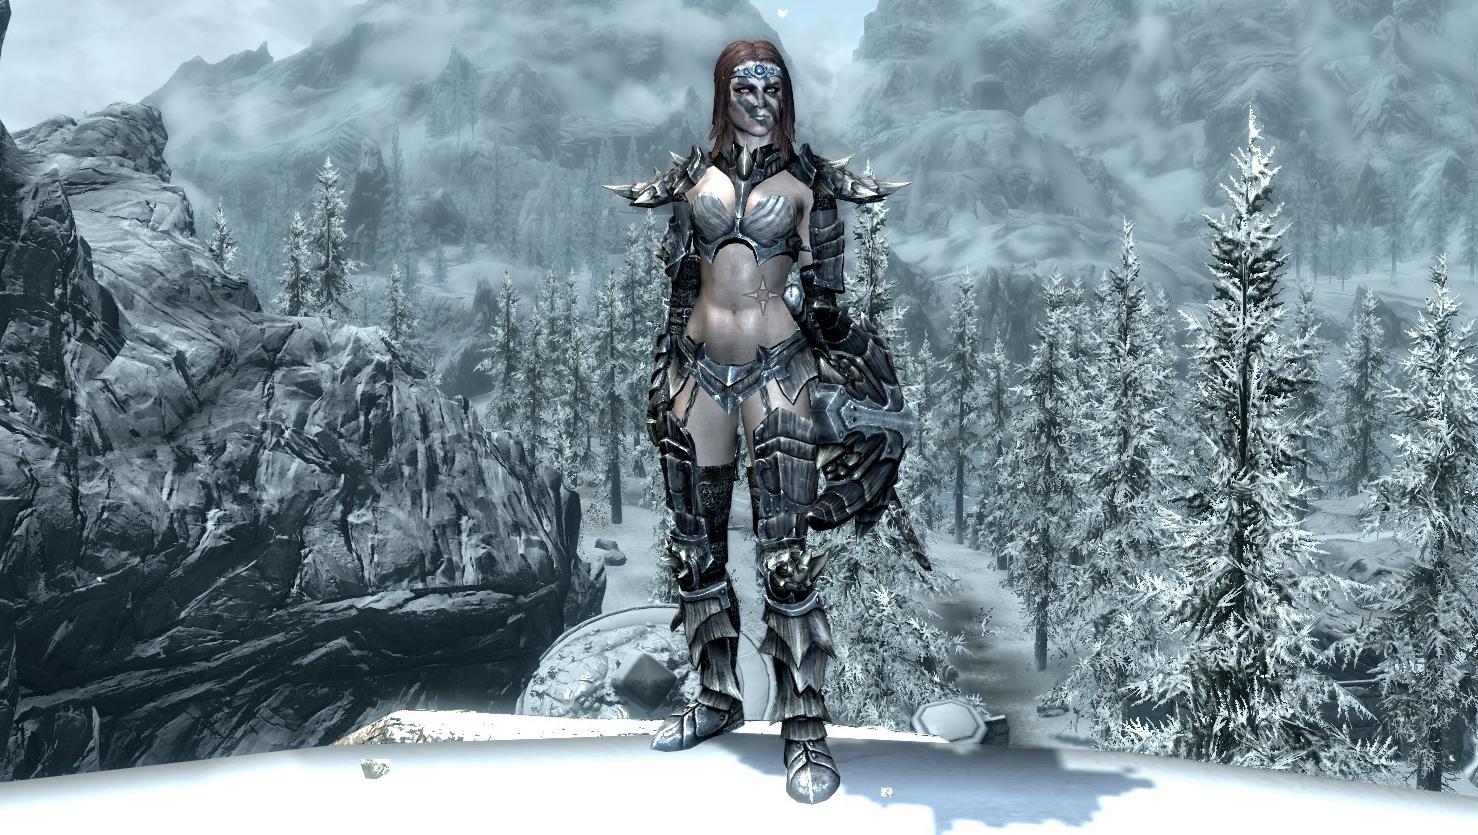 Skyrim Sexy Armor Mod